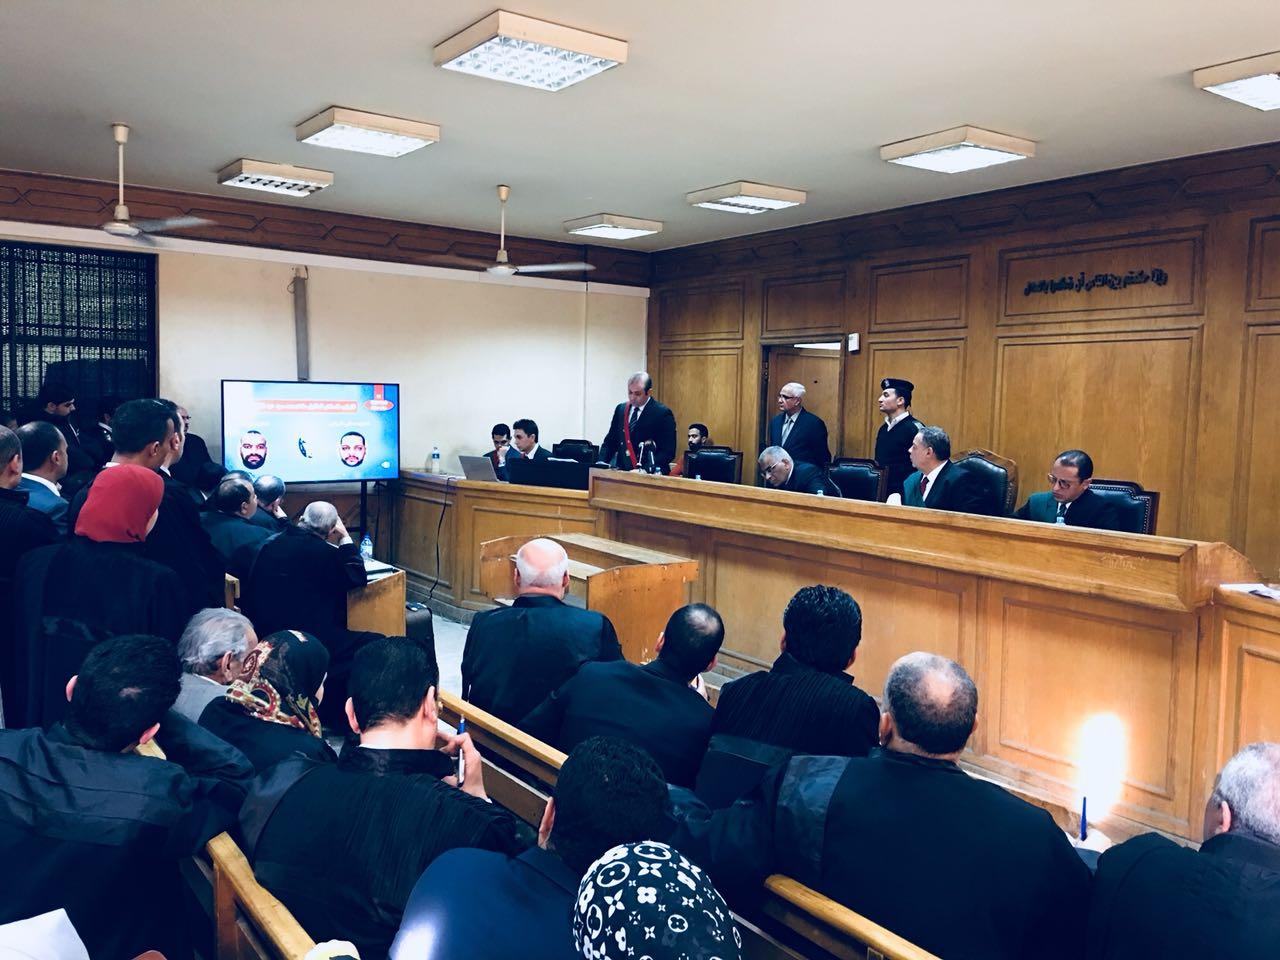 هيئة المحكمة اثناء عرض الفيديوهات